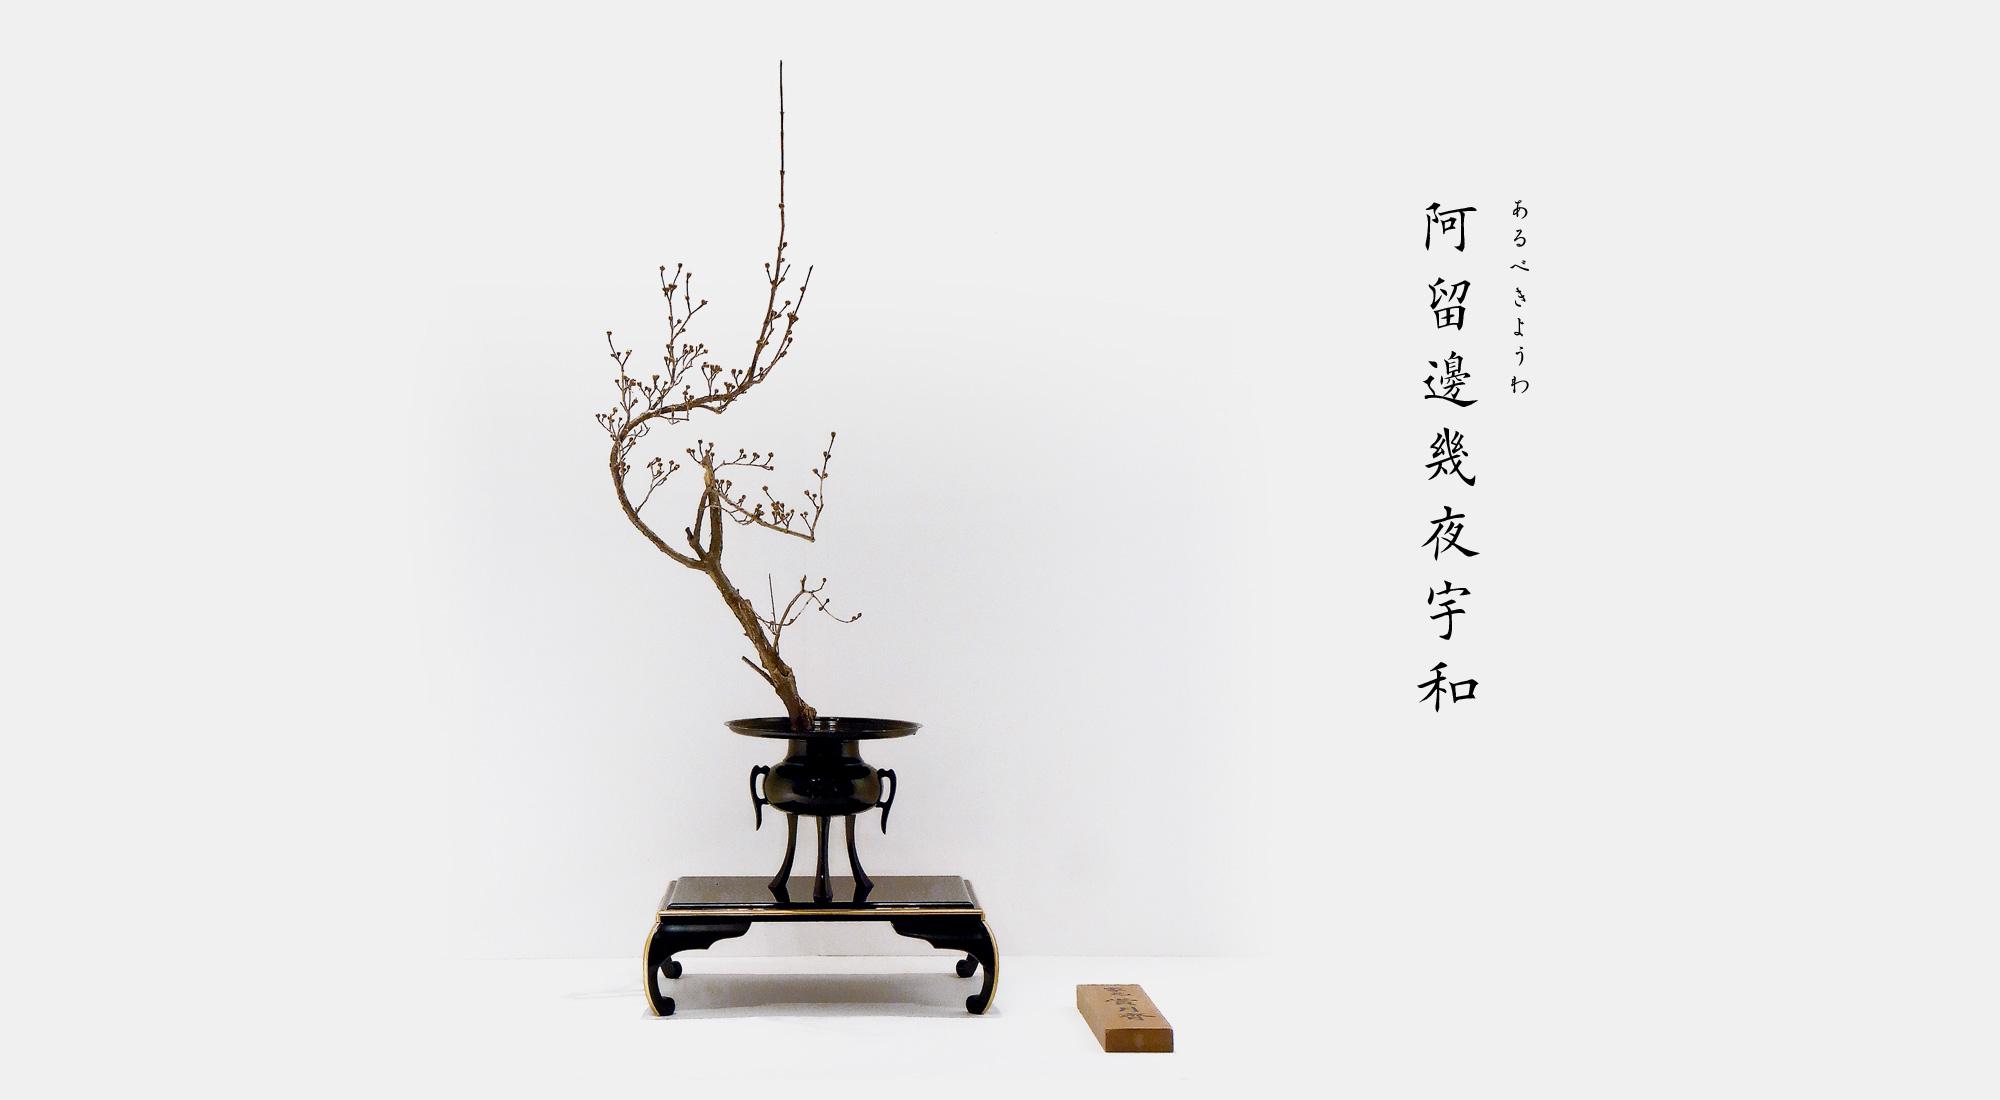 日本生花司 松月堂古流